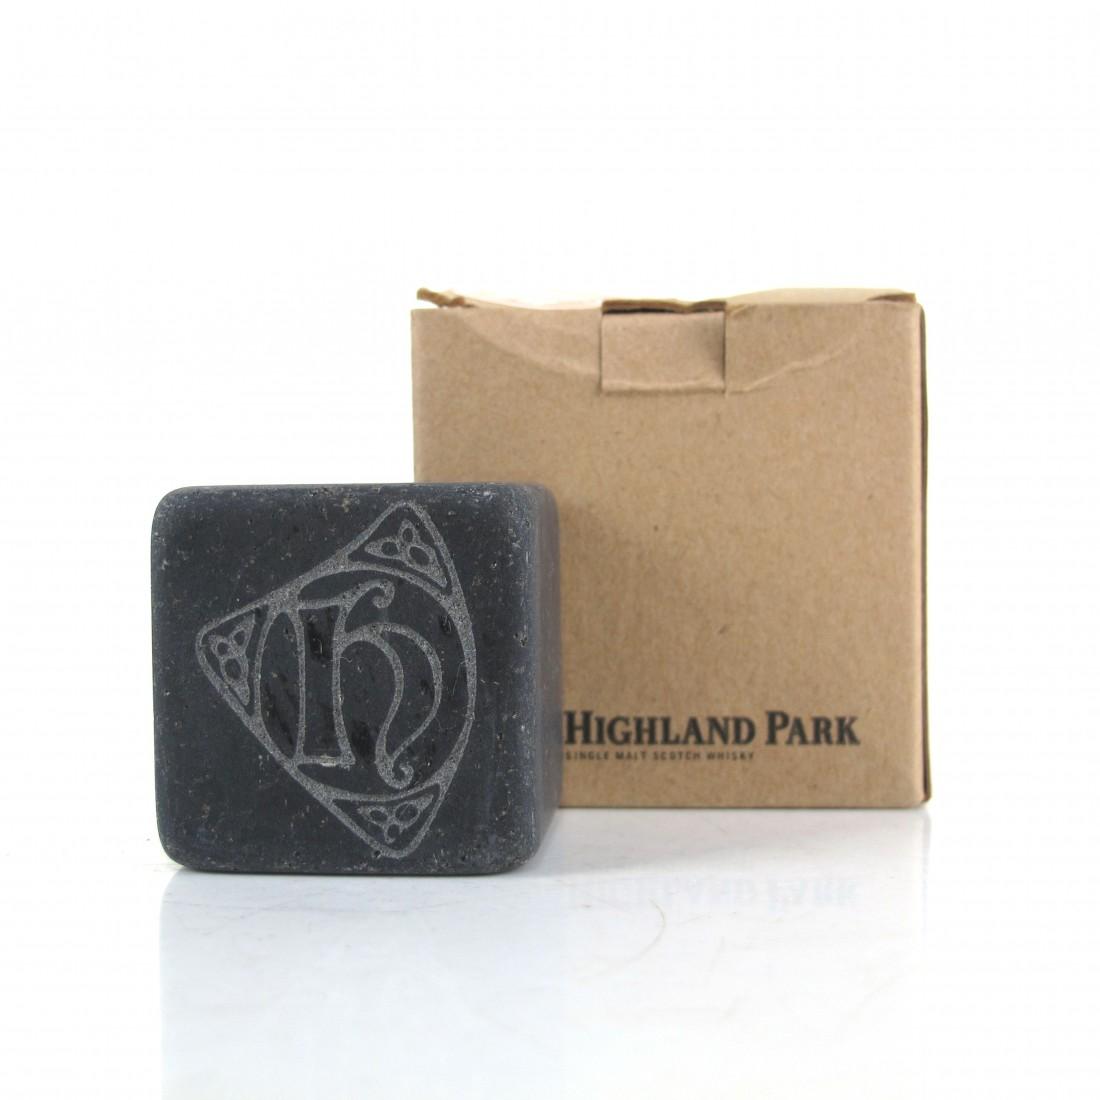 Highland Park Whisky Stone